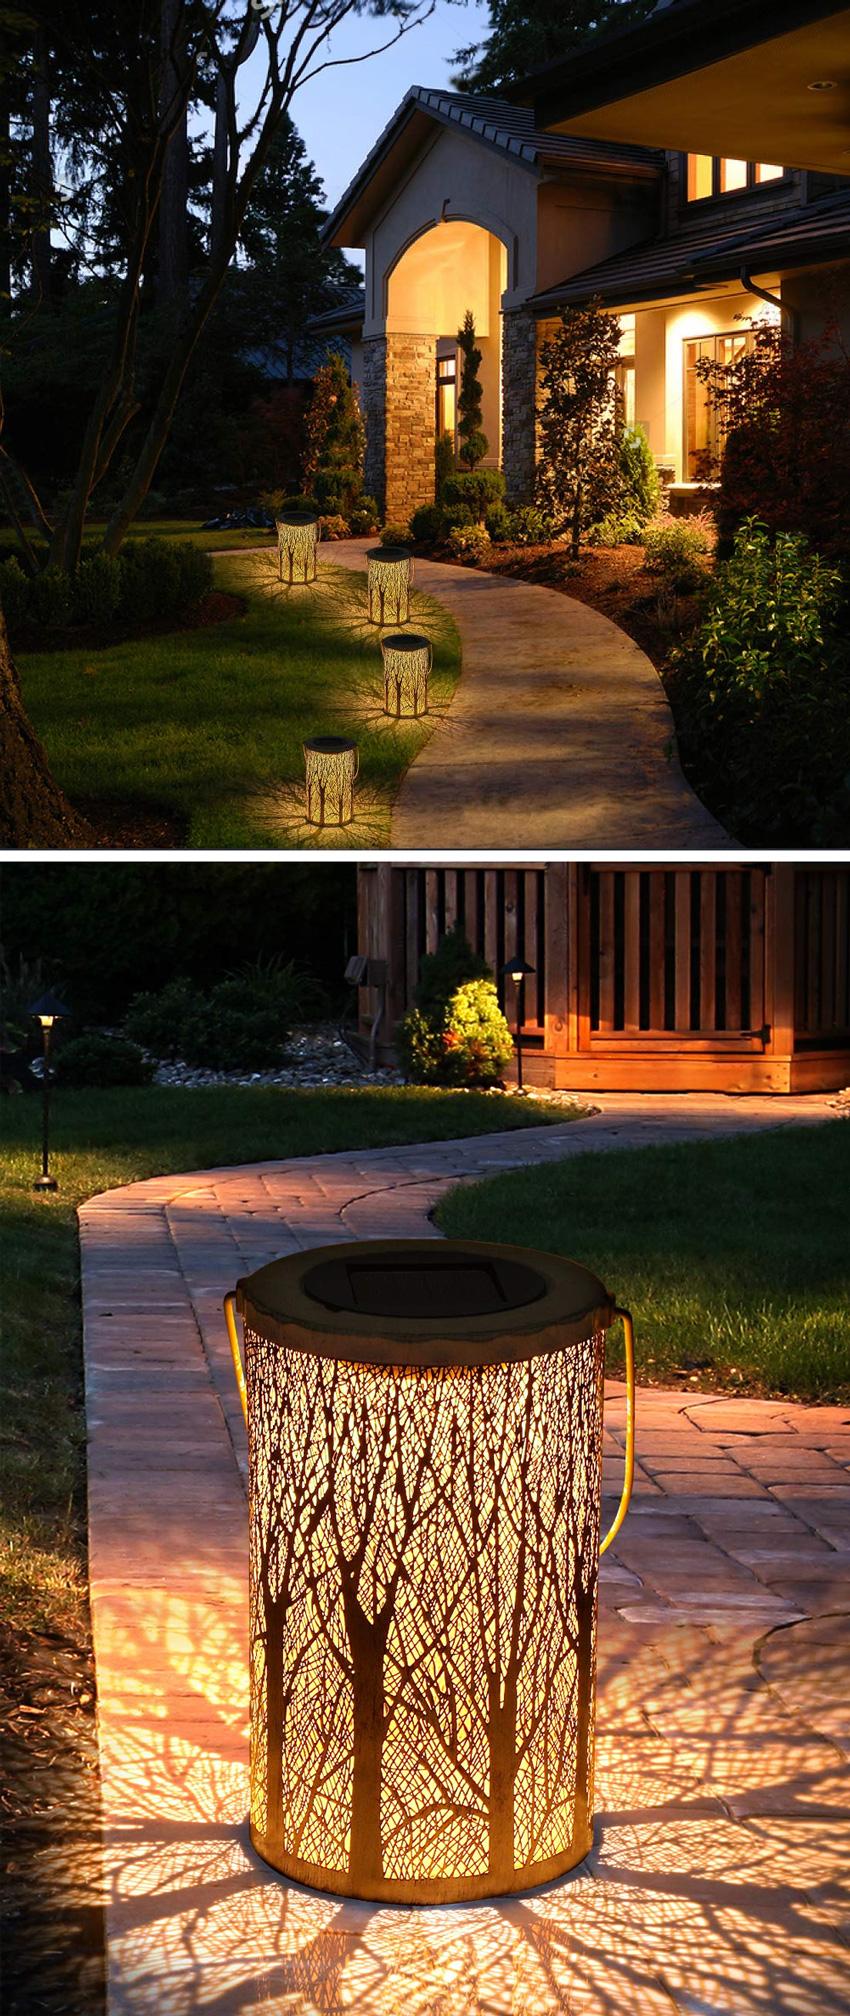 ingresso di casa illuminato con lanterne design ad energia solare.